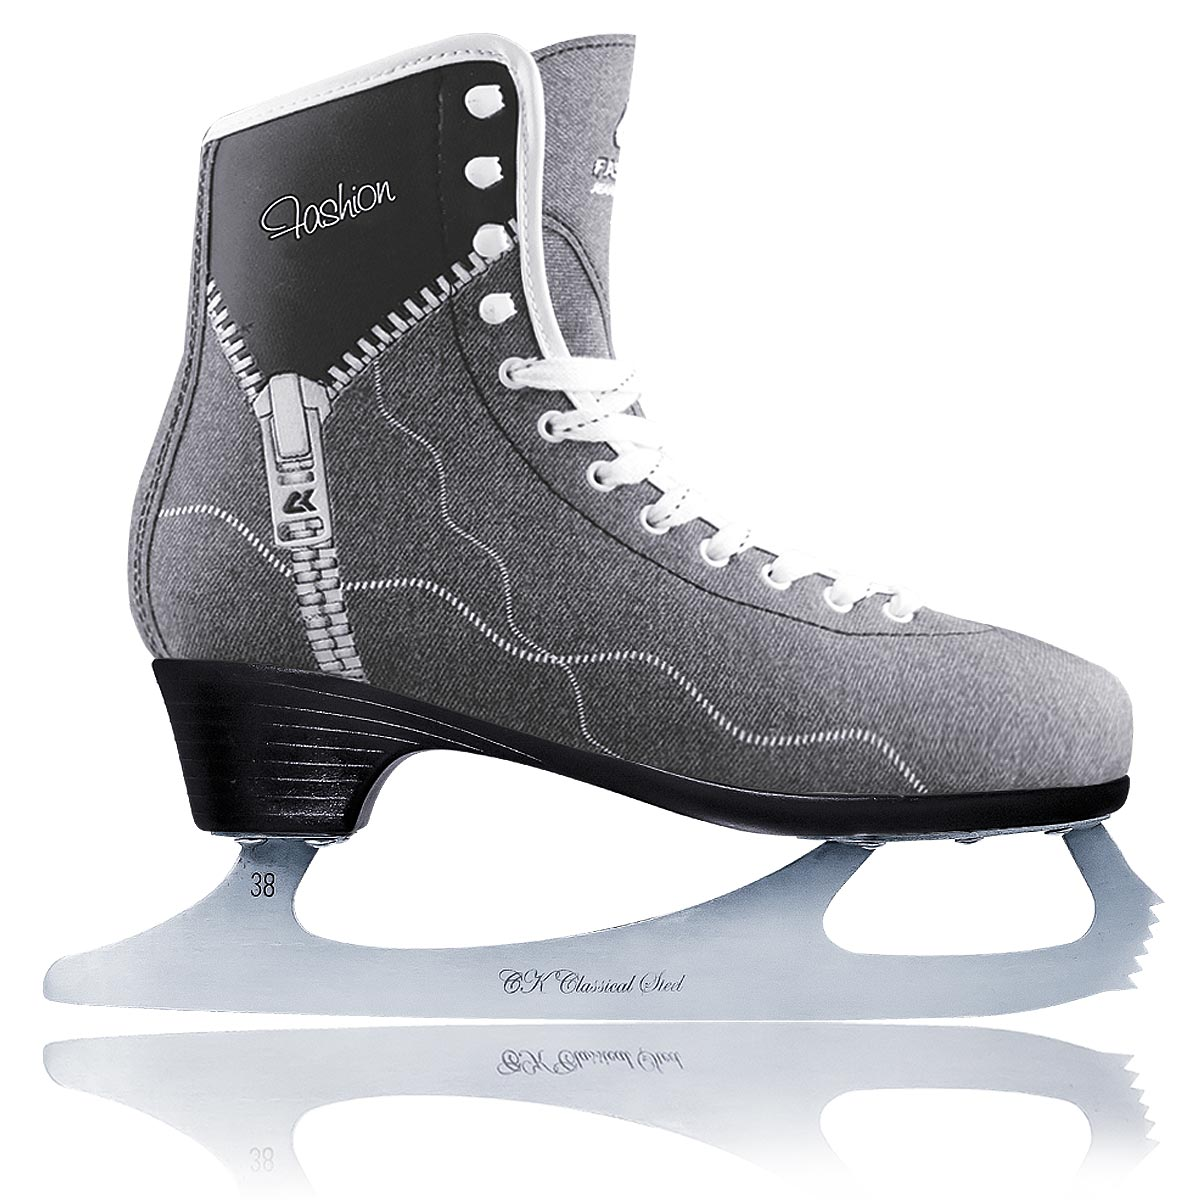 Коньки фигурные женские CK Fashion Lux Jeans, цвет: серый, черный. Размер 40FASHION LUX jeans_серый, черный_40Фигурные коньки от CK Fashion Lux Jeans идеально подойдут для любительского катания. Модель с высокой, плотной колодкой и усиленным задником, обеспечивающим боковую поддержку ноги, выполнена из синтетического материала на виниловой основе. Внутренняя поверхность отделана искусственным мехом. Анатомический язычок из войлока идеально облегает стопу и повышает комфорт. Стелька из упругого пенного полимерного материала EVA предназначена для быстрой адаптации ботинка к индивидуальным формам ноги и ее комфортного положения.Ботинок обеспечивает комфорт и устойчивость ноги, правильное распределение нагрузки, сильно снижает травмоопасность. Ботинок полностью обволакивает ногу, обеспечивает прочную и удобную фиксацию ноги, а также повышенную защиту от ударов. Модель фиксируется на ноге классической шнуровкой.Лезвие выполнено из нержавеющей стали, оно обладает высокой твердостью и долго держит заточку. Подошва Graceful обладает элегантным дизайном, повышенной твердостью и пониженным весом. Более высокий каблук делает ногу более изящной и стройной, а также повышает управляемость и маневренность конька.